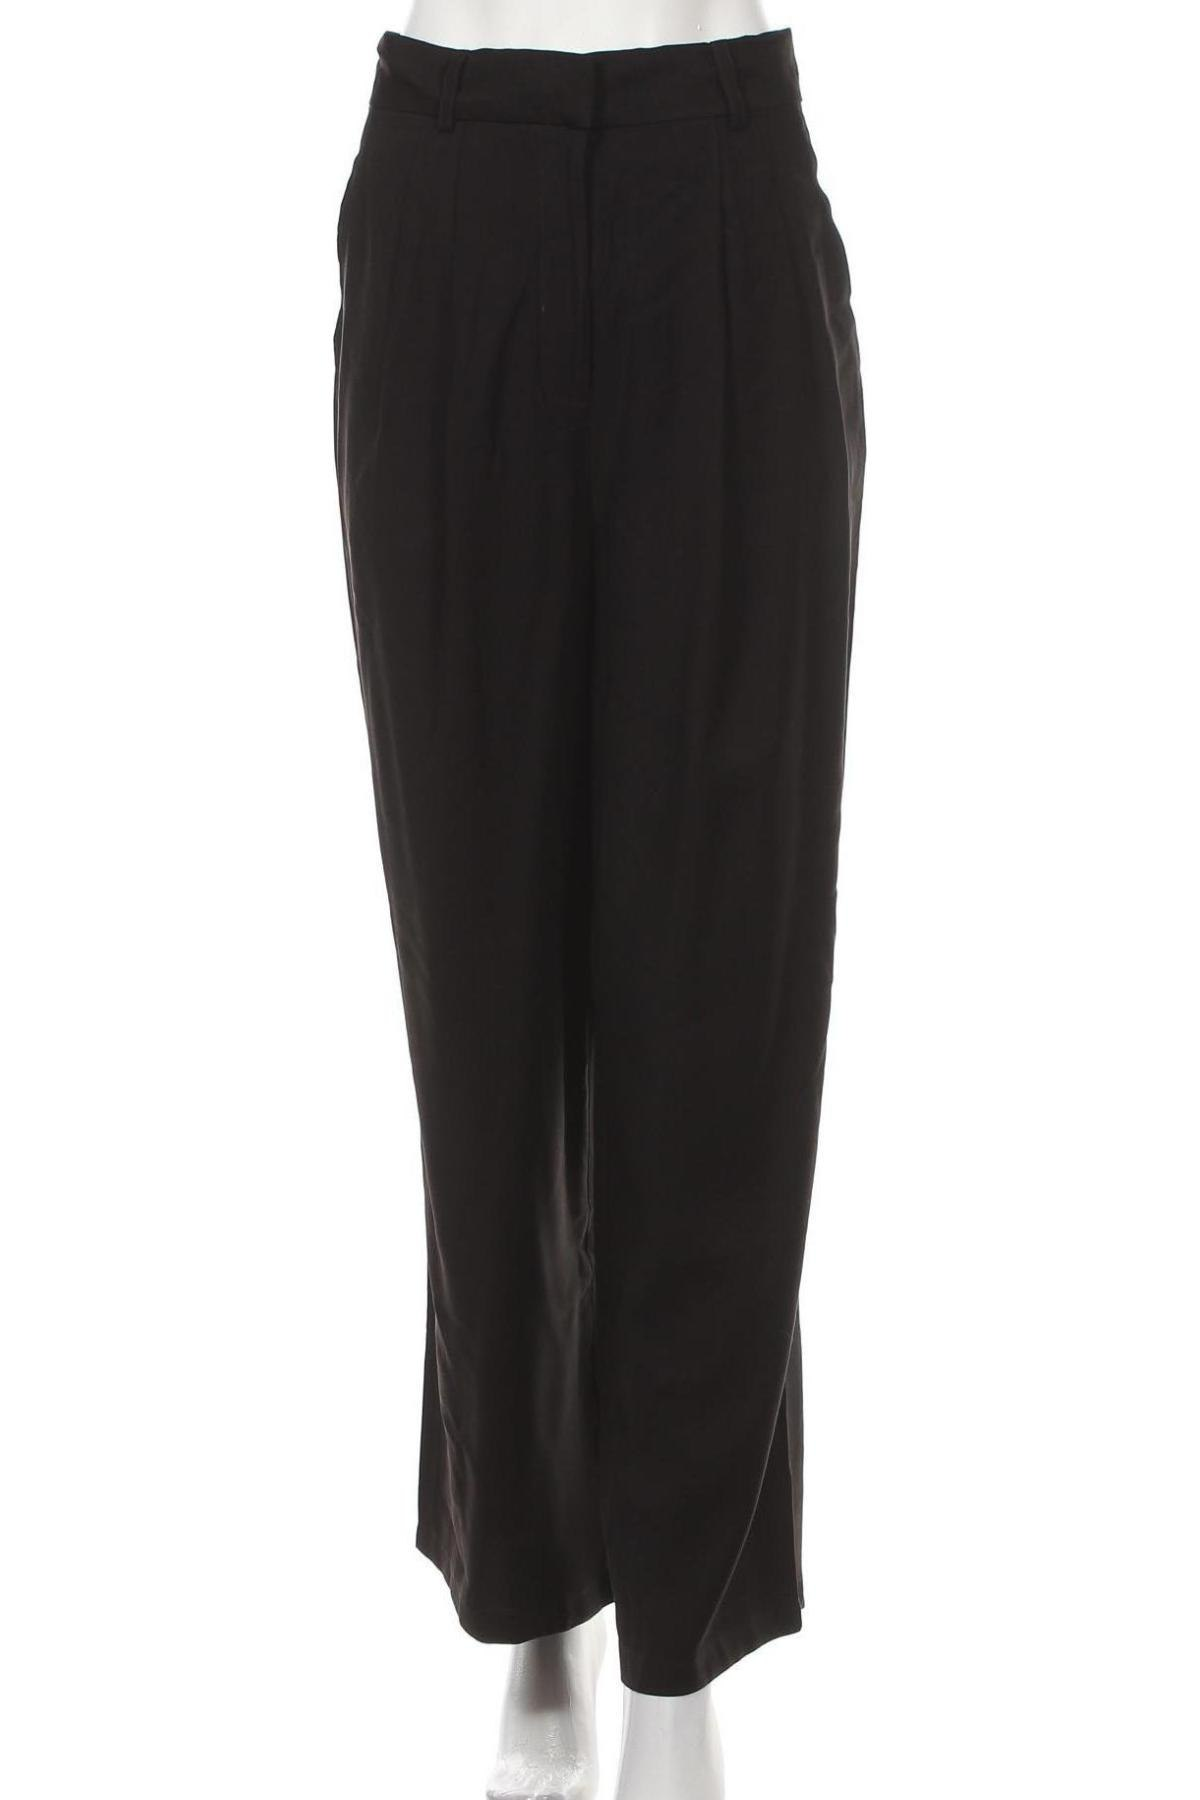 Дамски панталон Anna Field, Размер M, Цвят Черен, 90% вискоза, 10% полиестер, Цена 15,59лв.